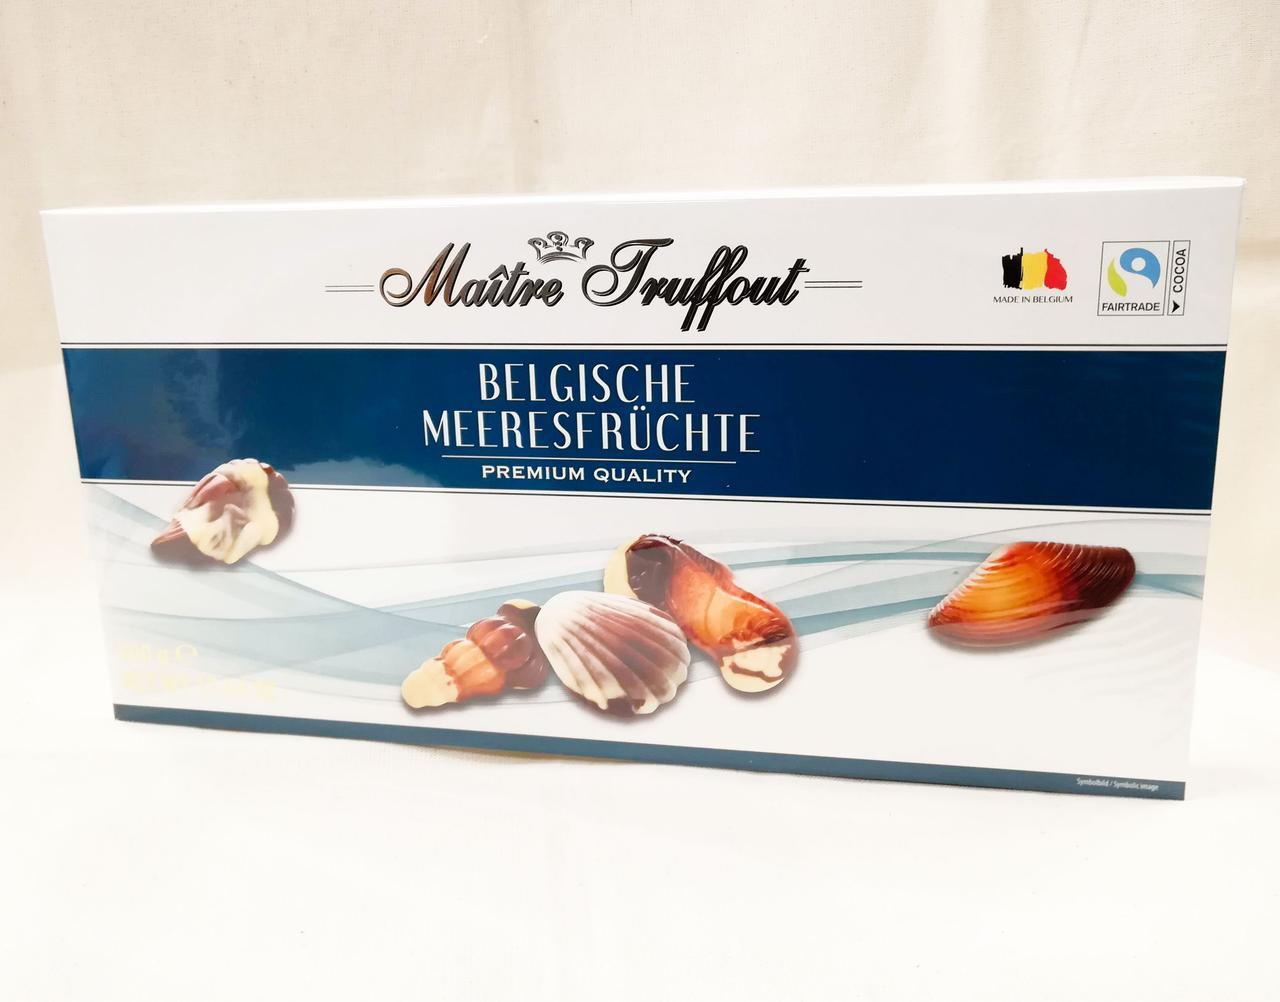 Шоколадные конфеты Maitre Truffout Belgische Meeresfruchte